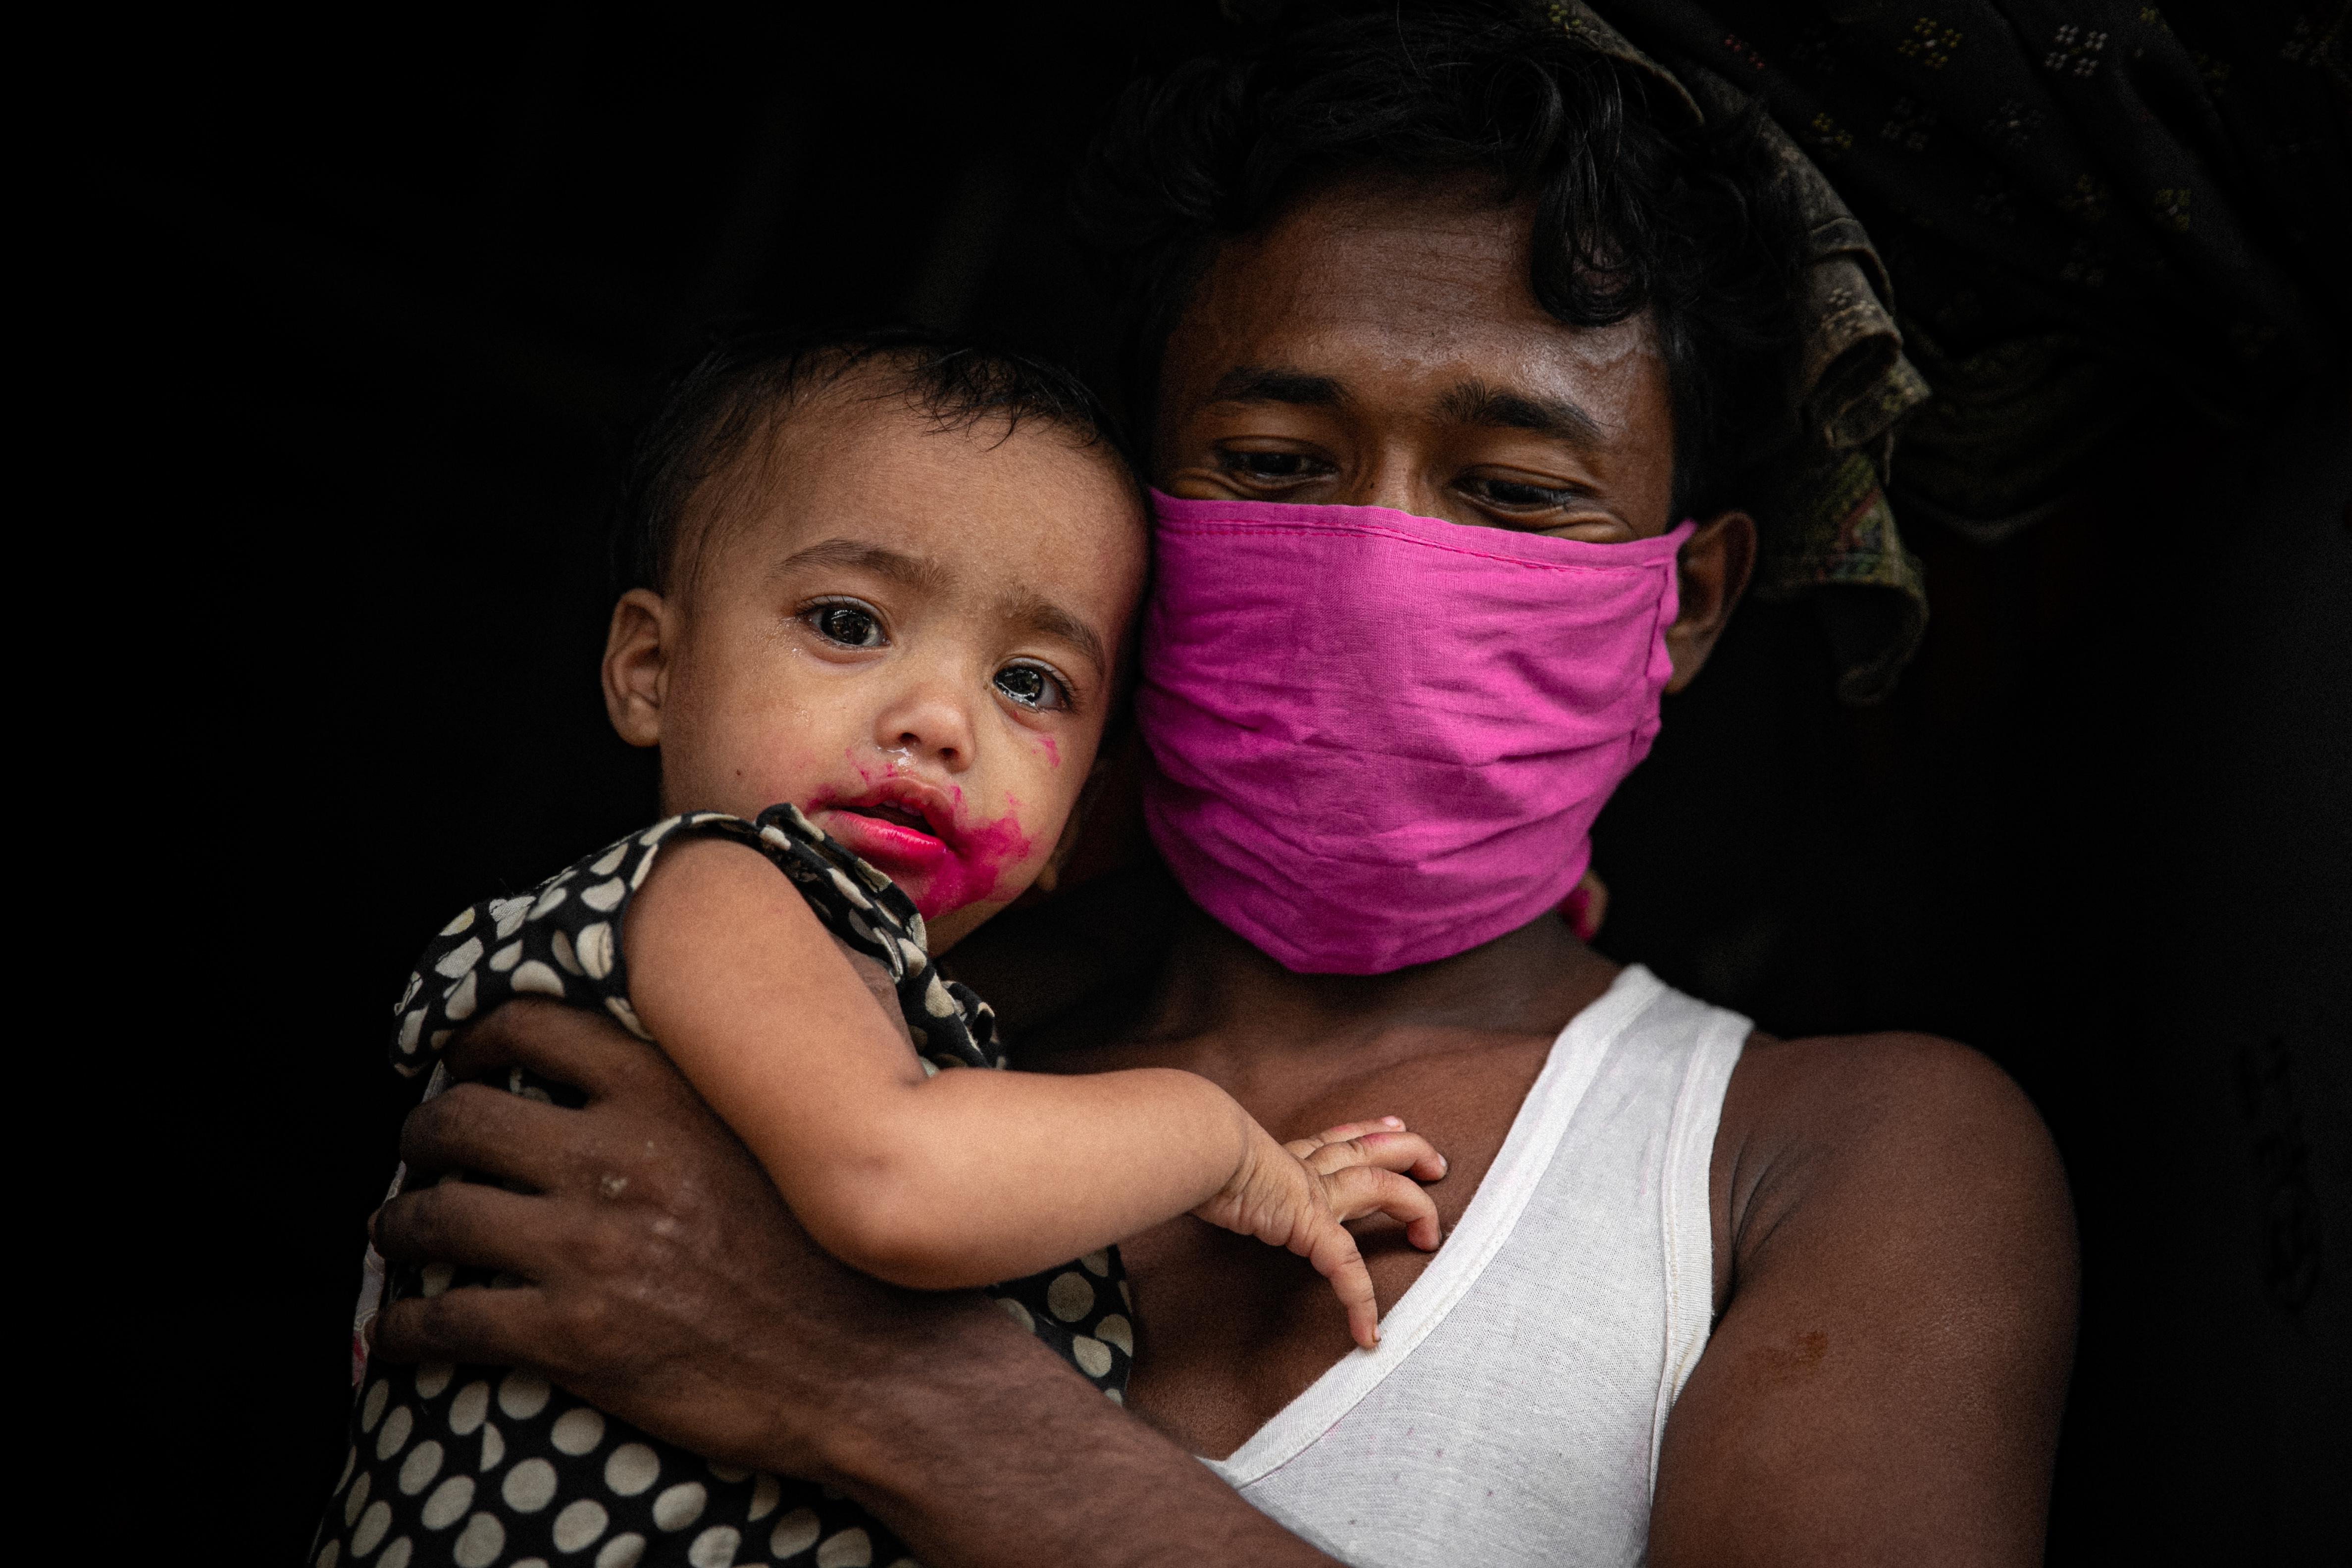 Isä pitelee lasta, jolla on punainen suupieli A-vitamiinirokotuksen jälkeen